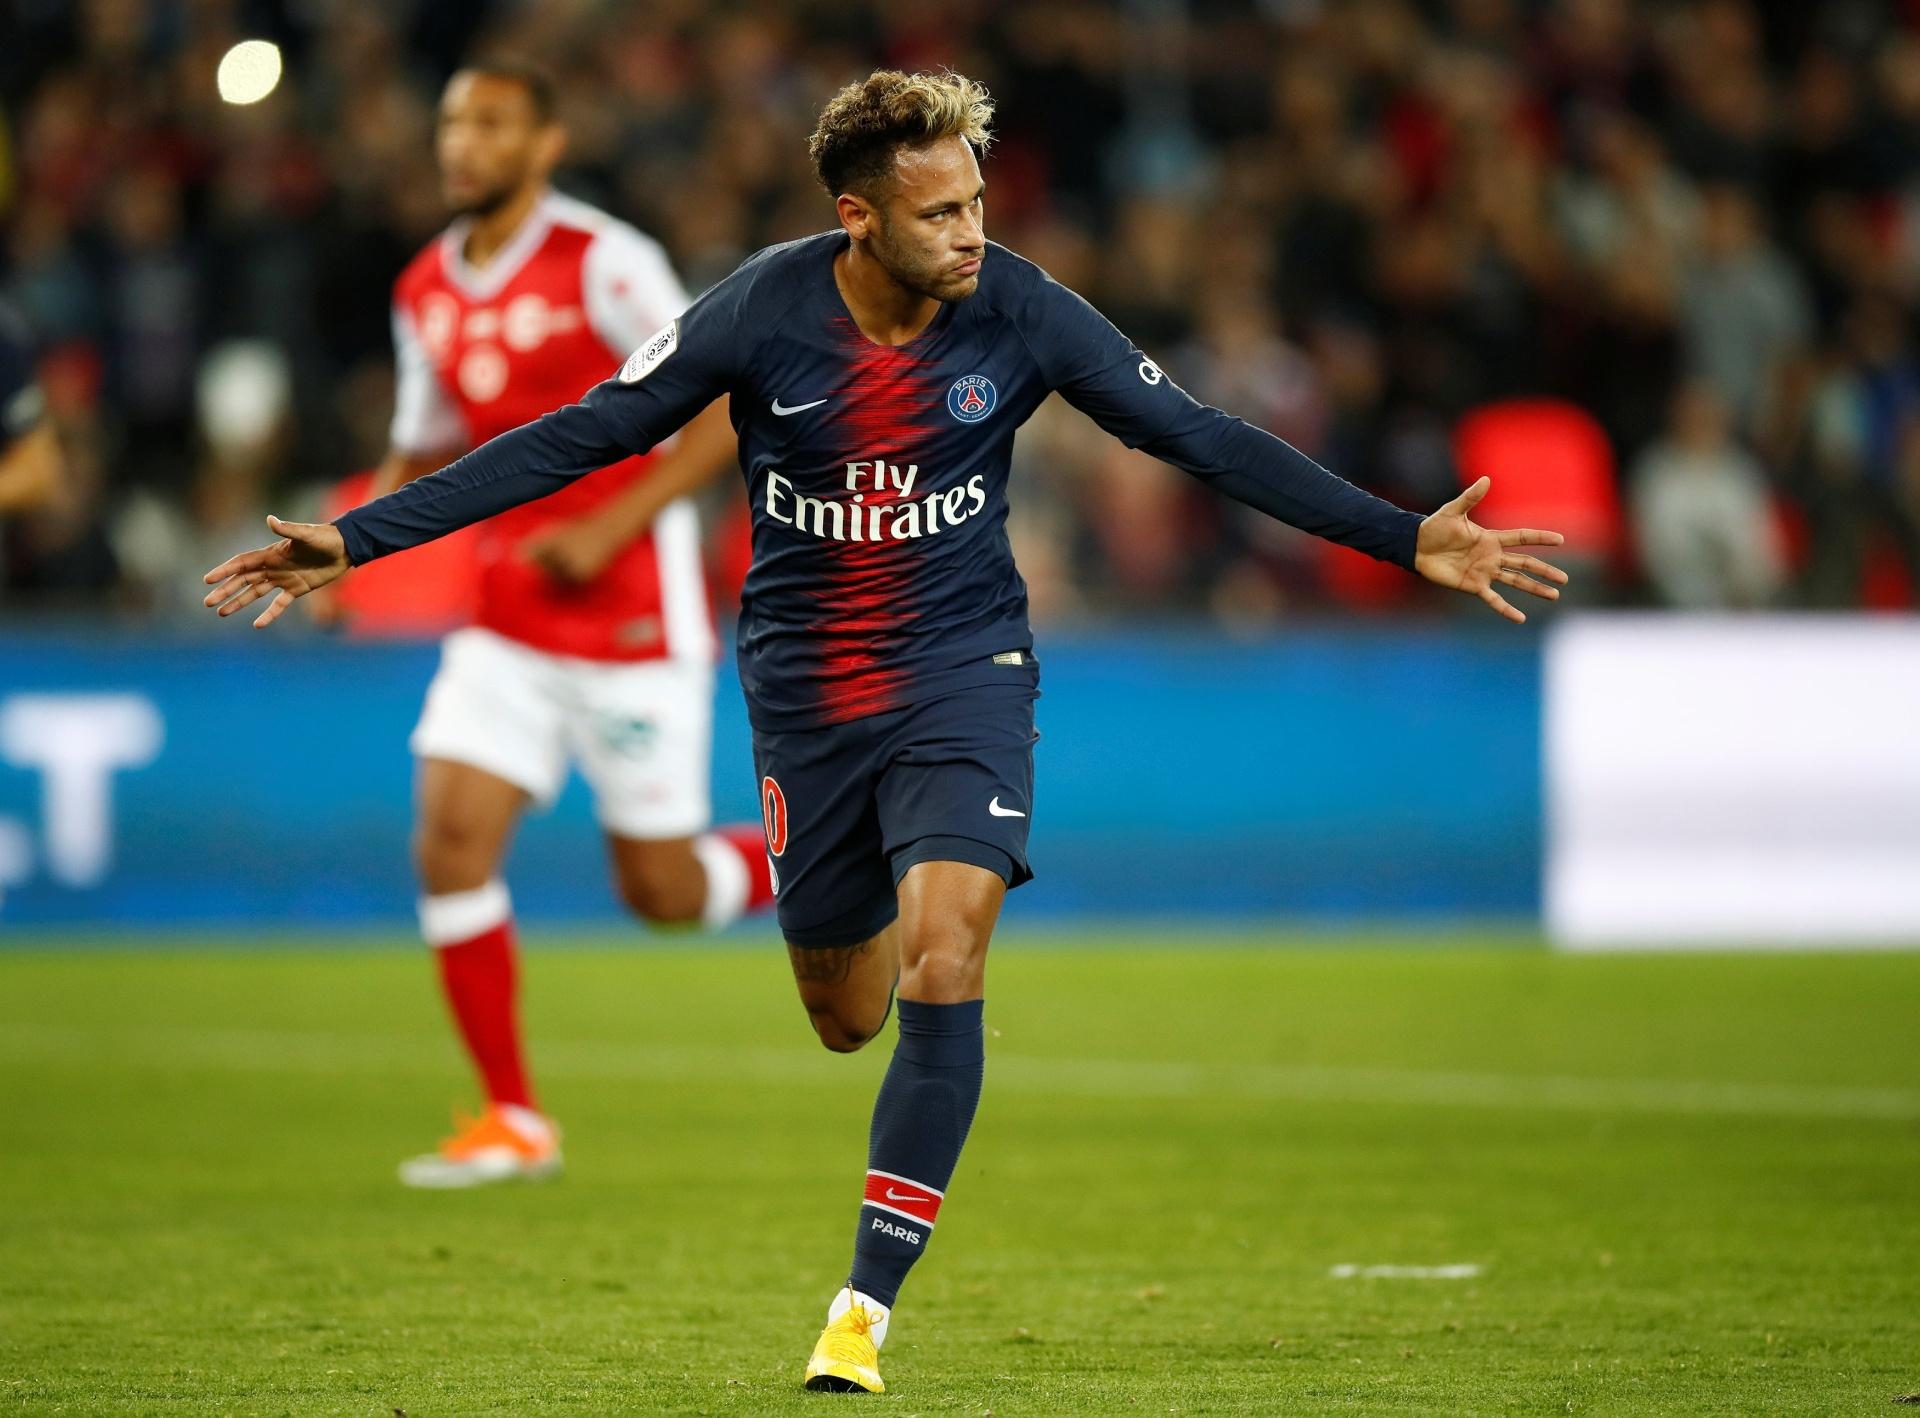 Neymar e Marquinhos ganham folga no PSG e não encaram Amiens - 18 10 2018 -  UOL Esporte 93c61ac55c33c